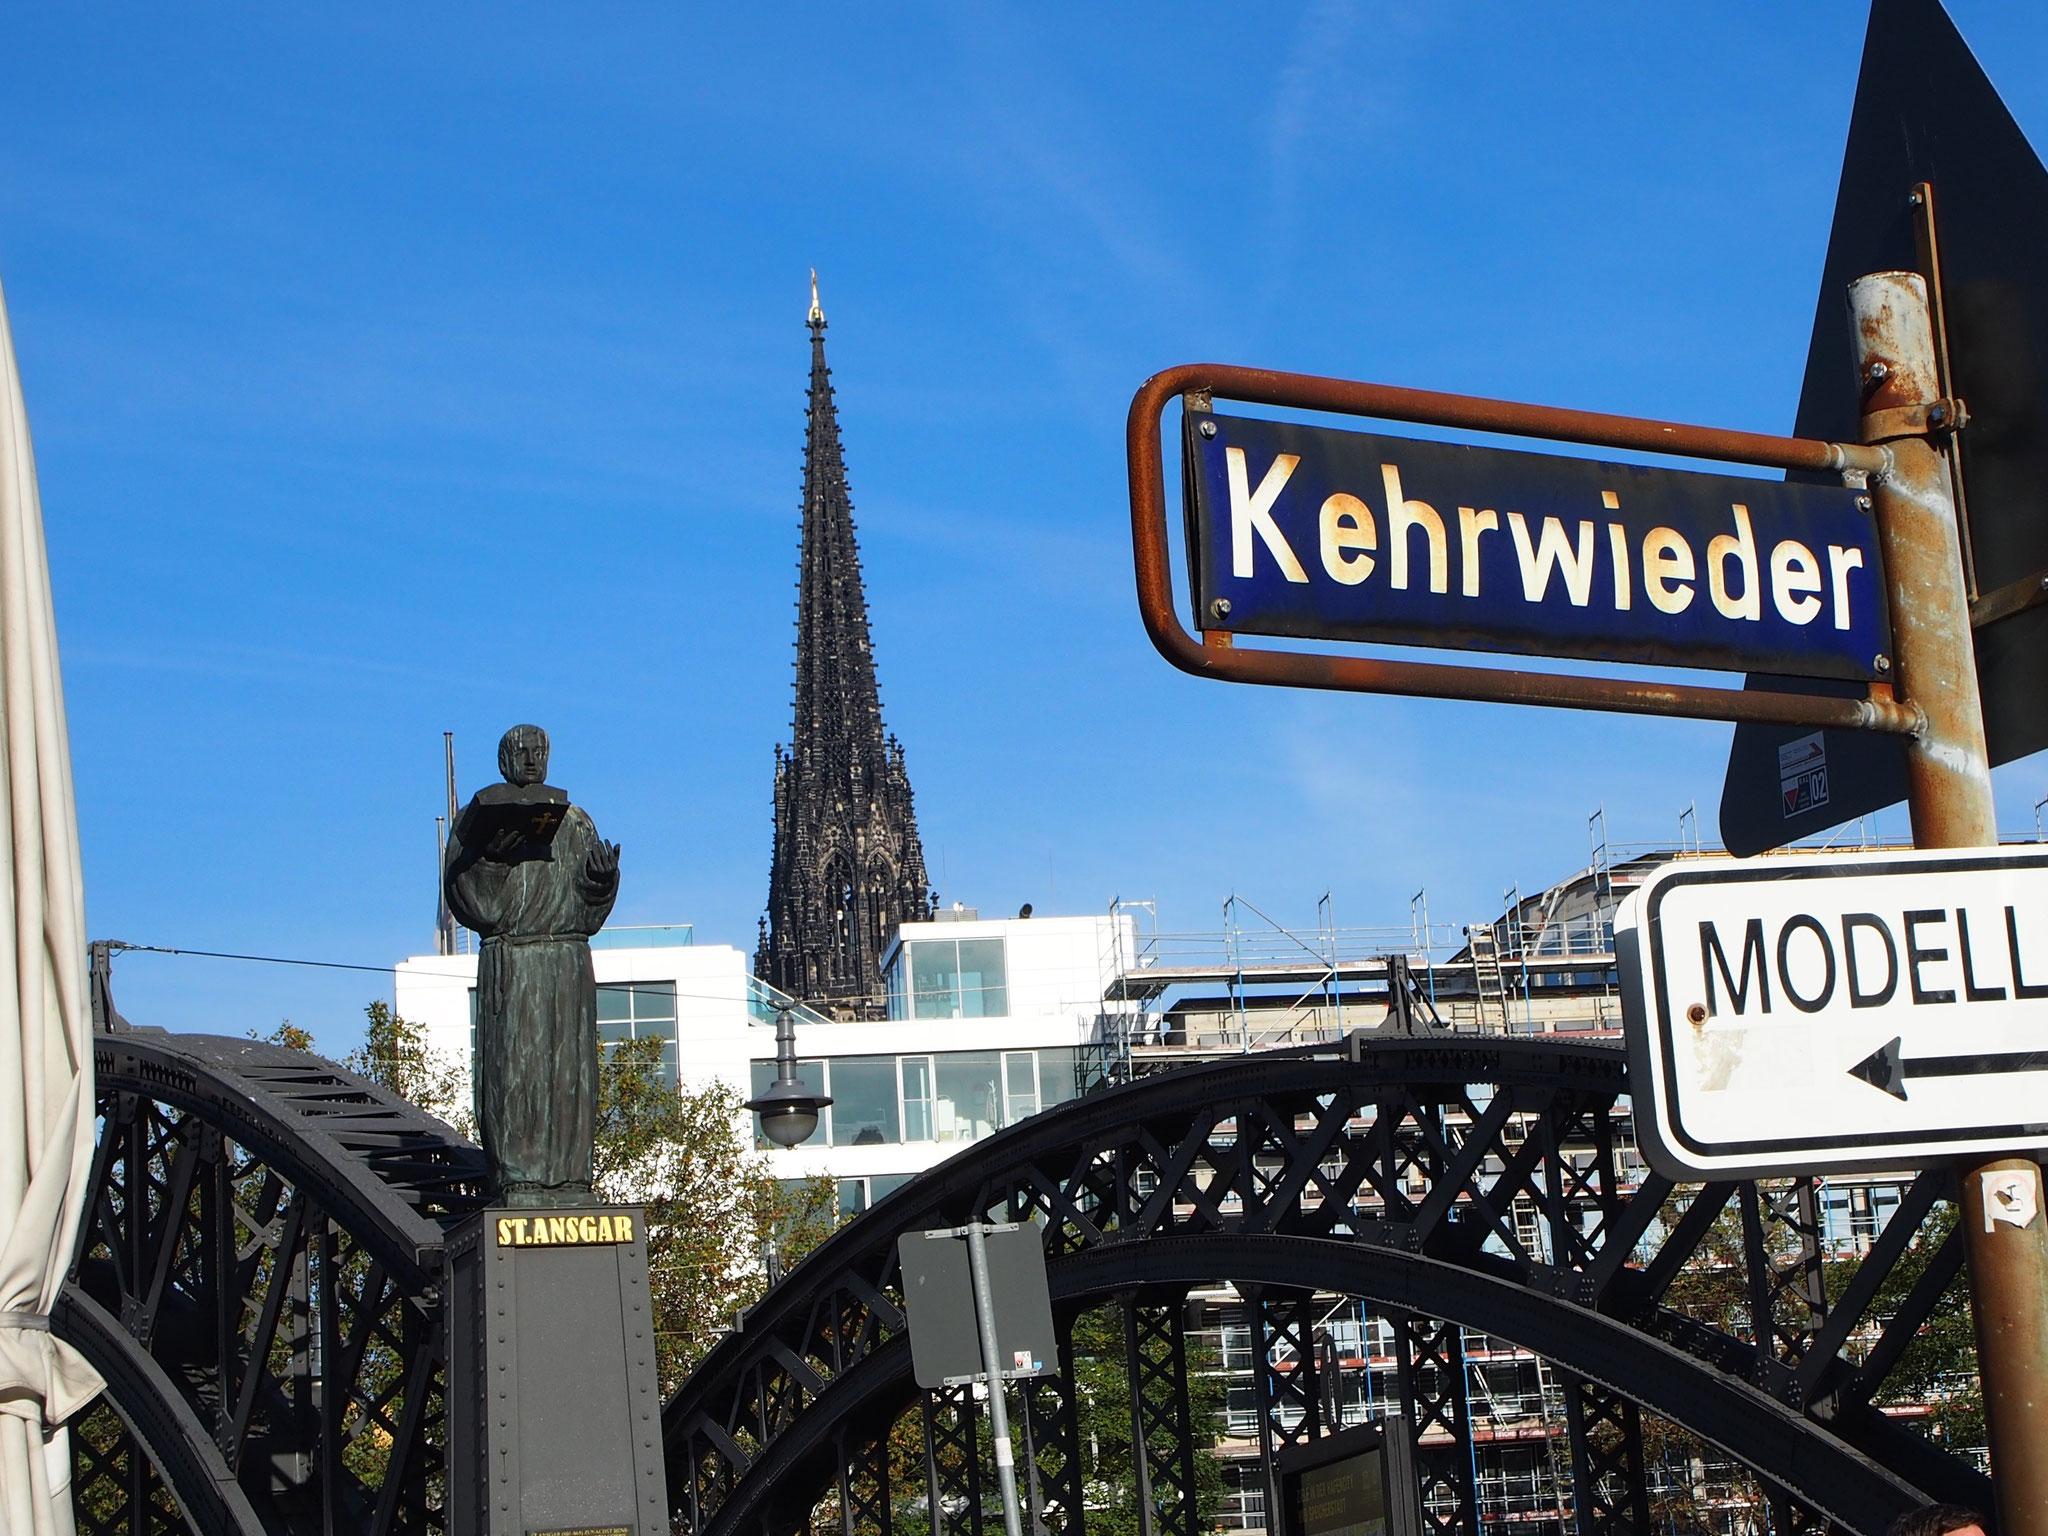 die Straße Kehrwieder in der Hamburger Speicherstadt